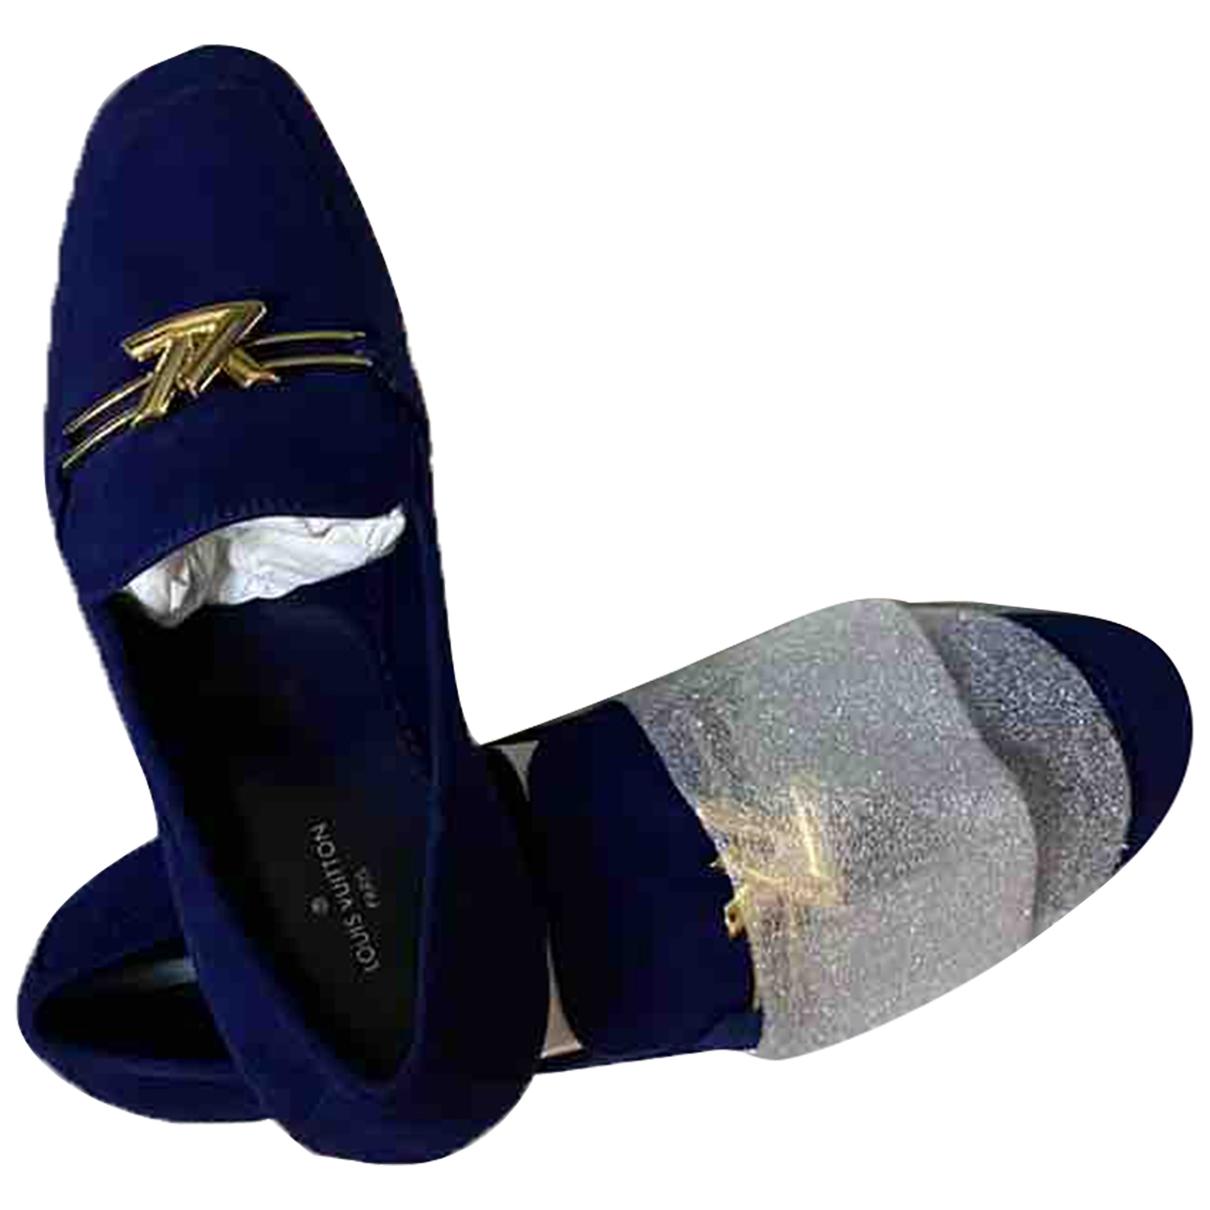 Louis Vuitton \N Blue Velvet Flats for Women 37 EU